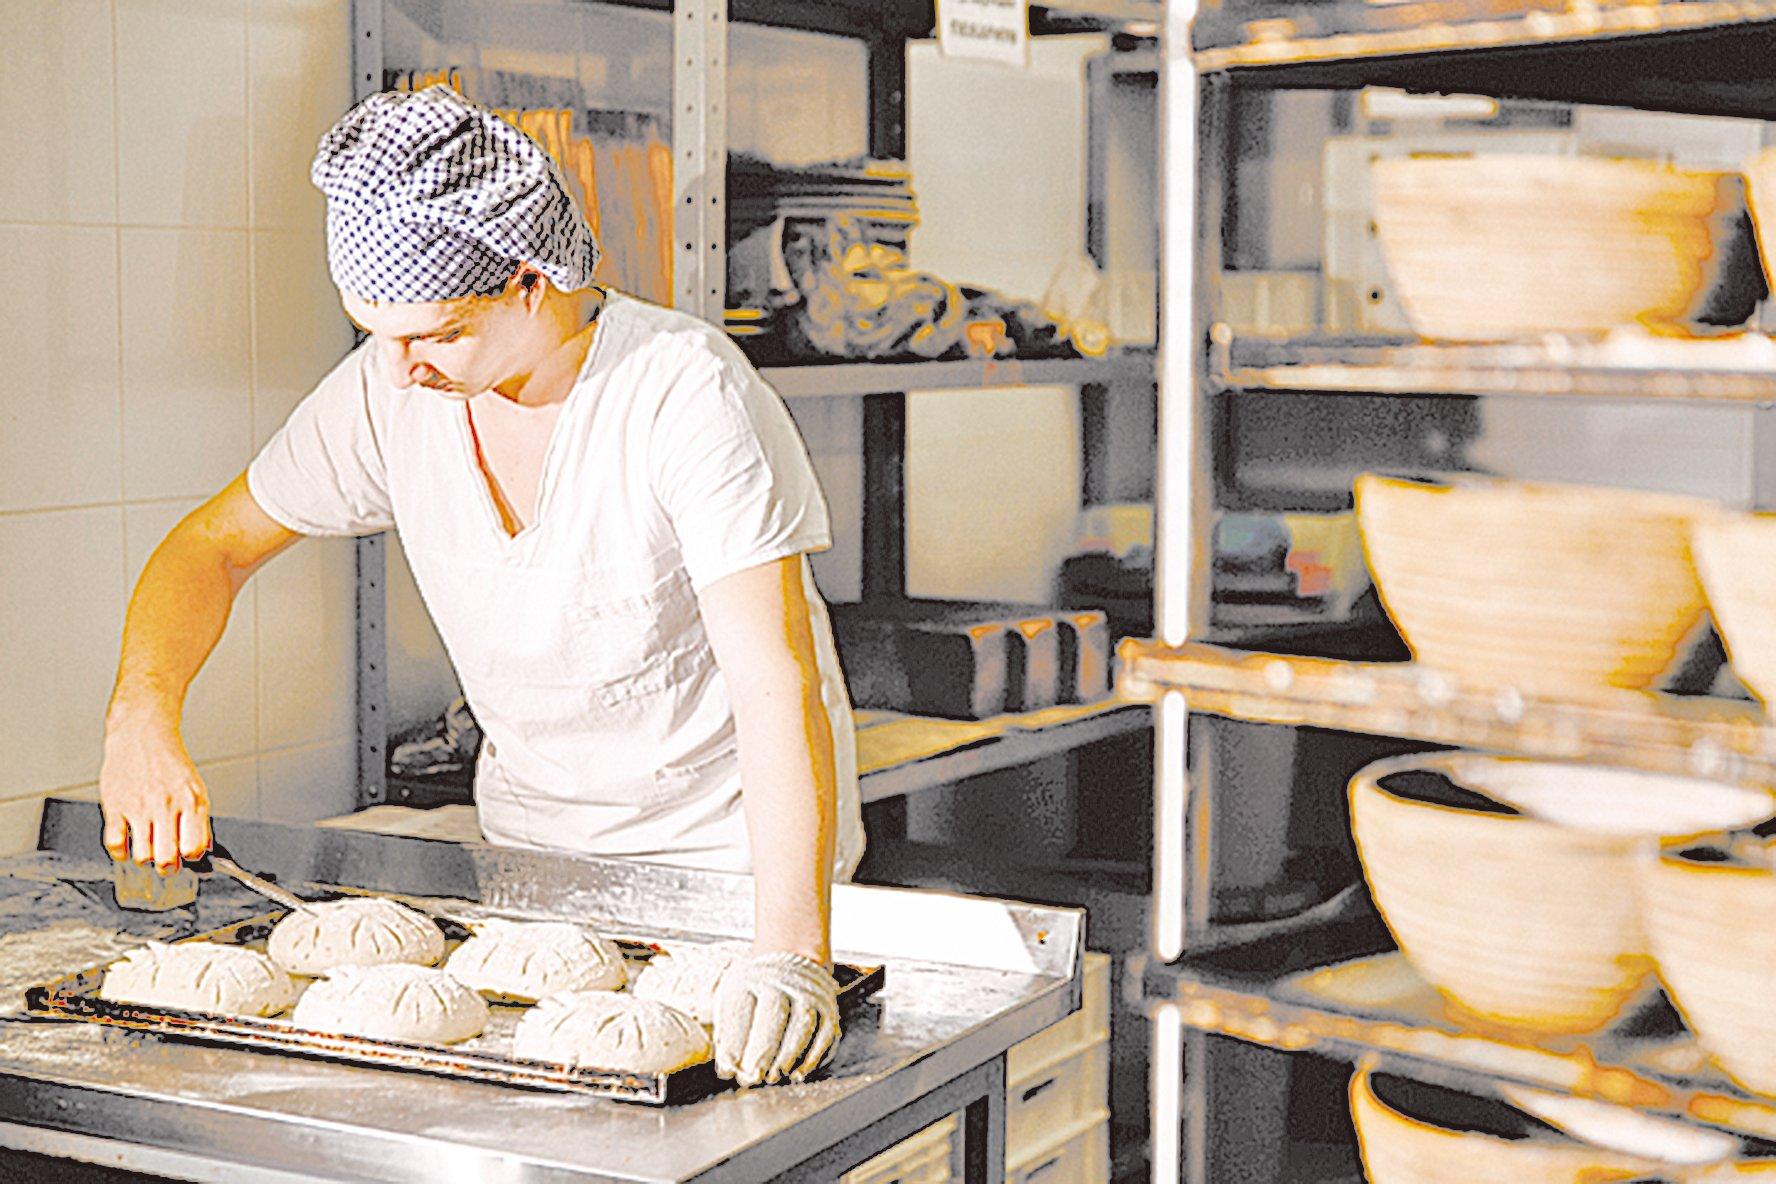 傳統的麵包只使用很簡單的材料製作,發酵的過程也比現在長。